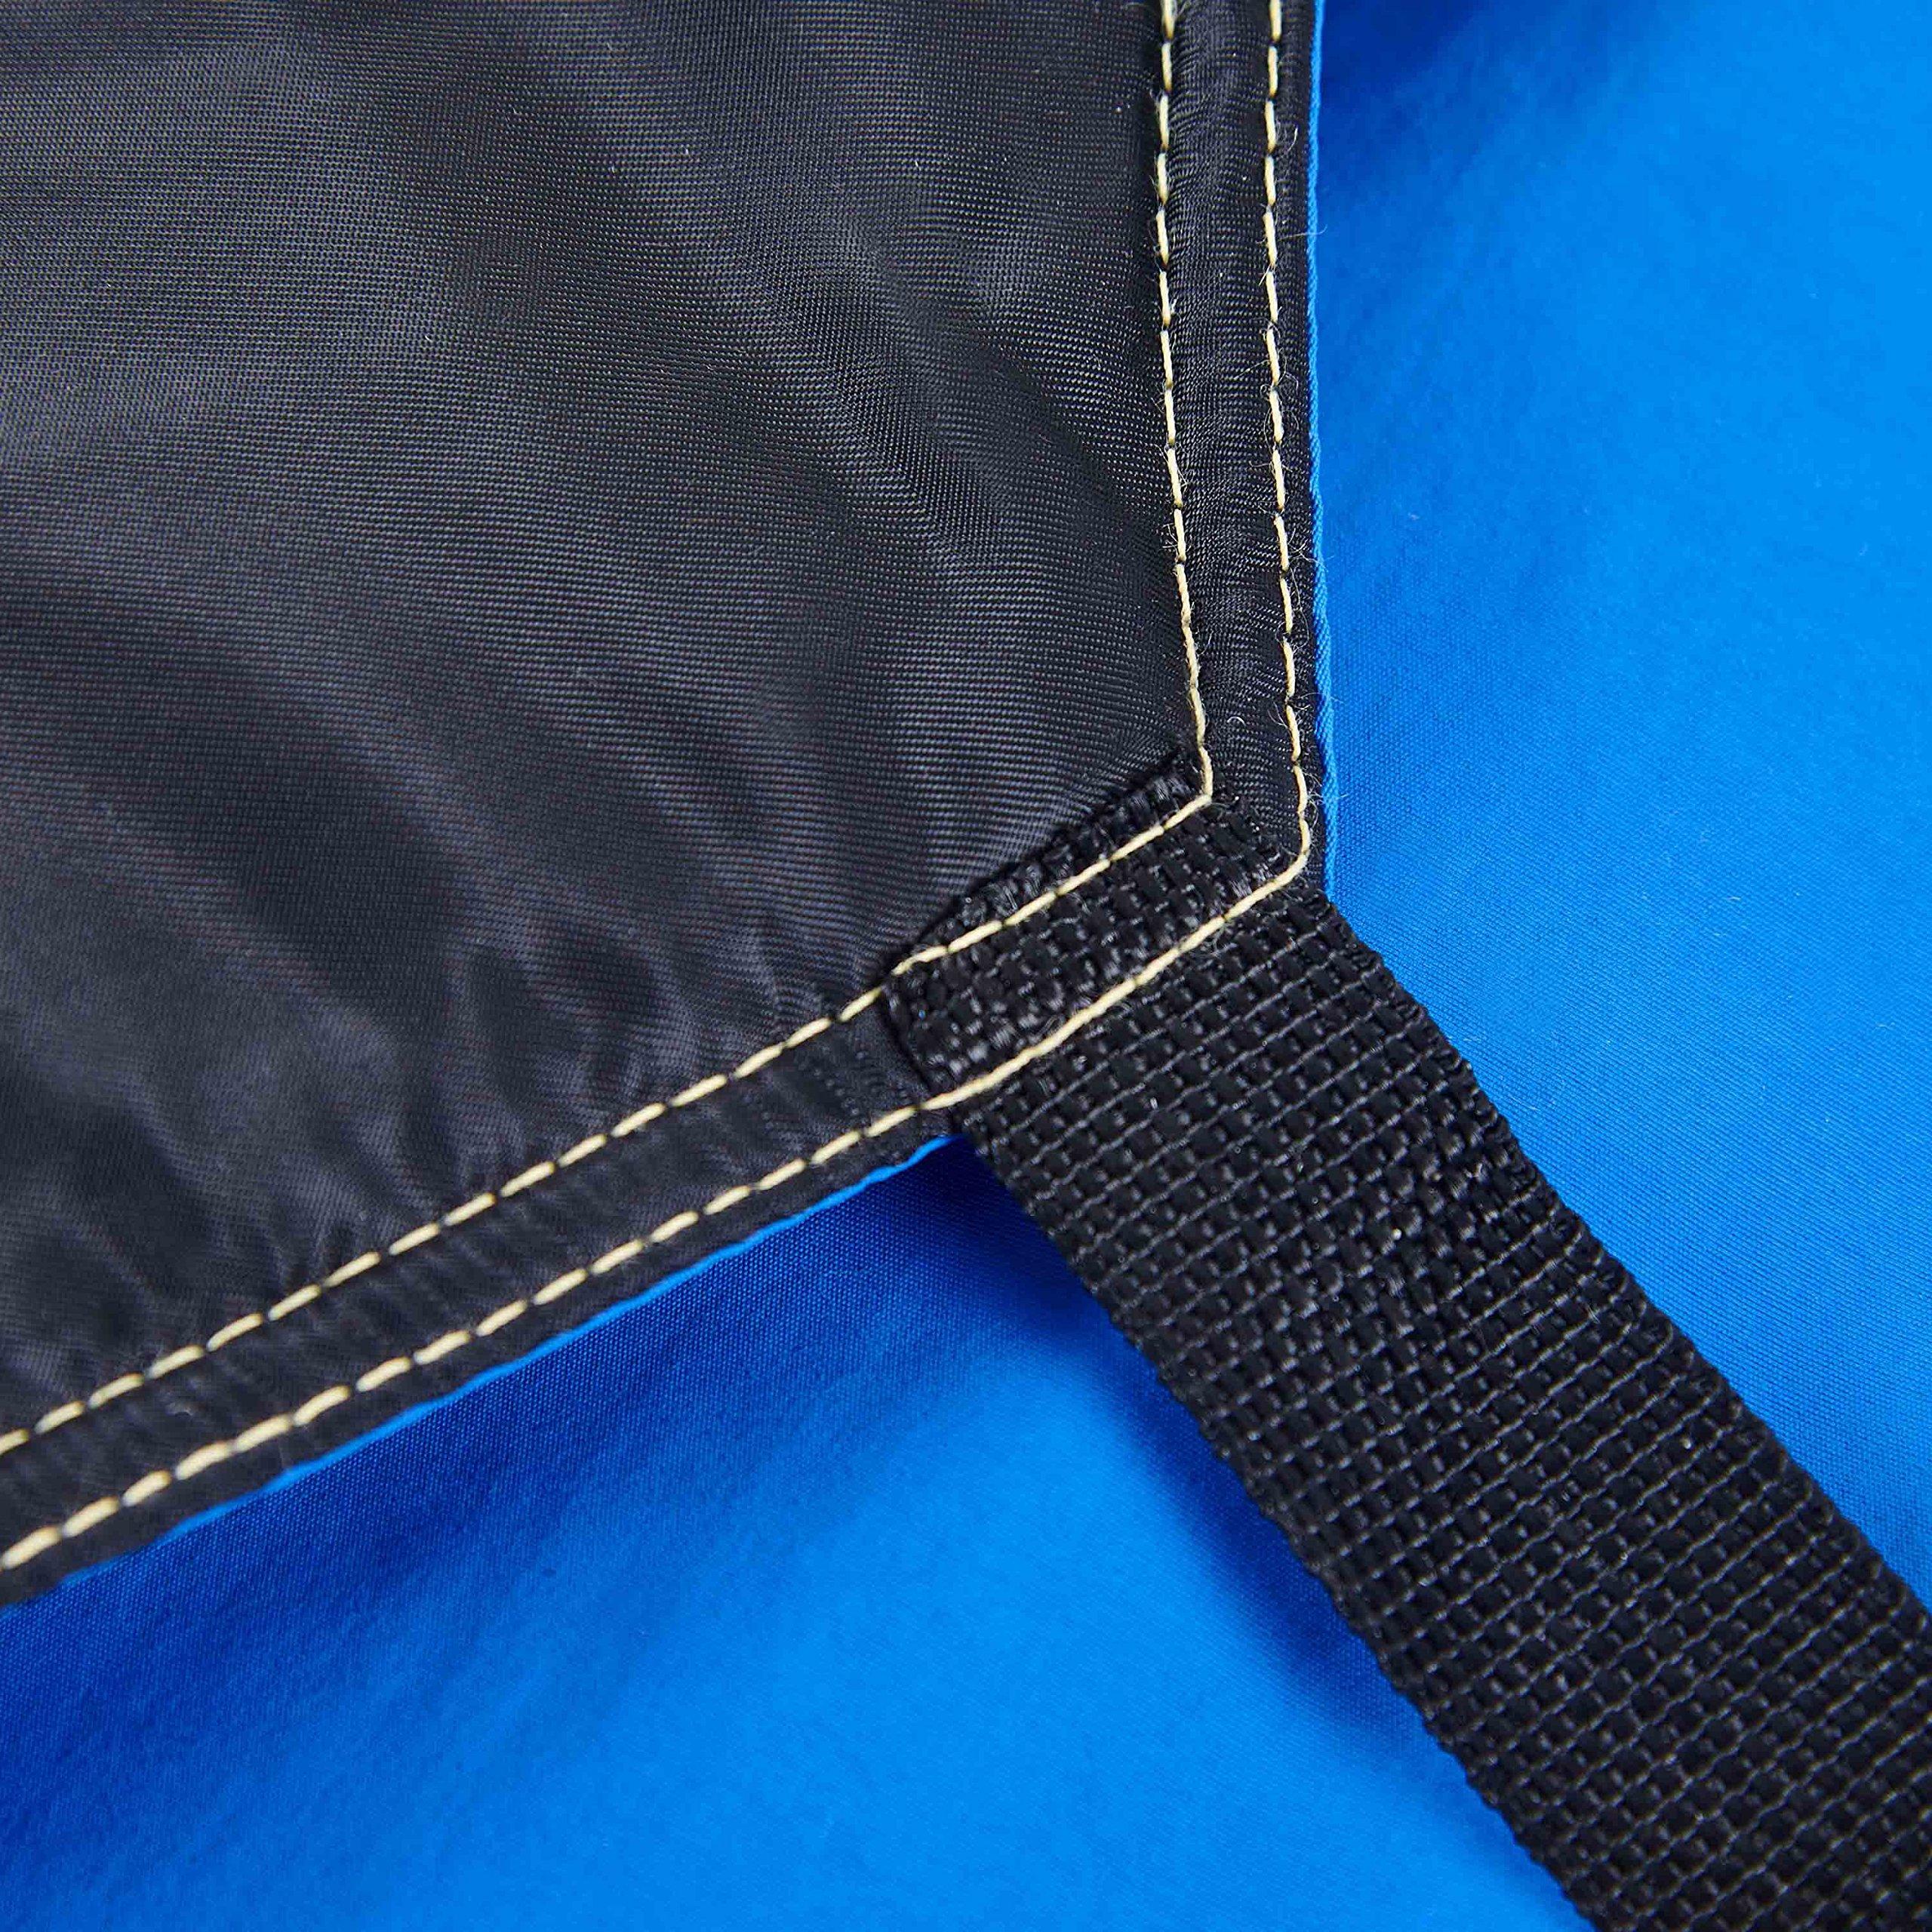 Holulo Safety Cryo-Apron Cryogenic Apron Nitrogen Working Suit 33'' Length x 26'' (L) by Holulo (Image #6)